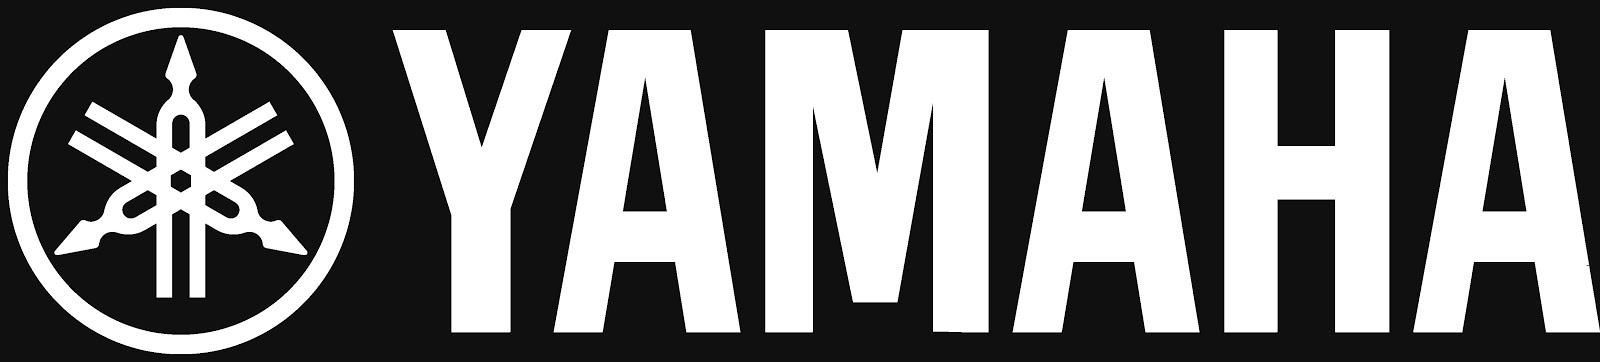 yamaha logo black - photo #18